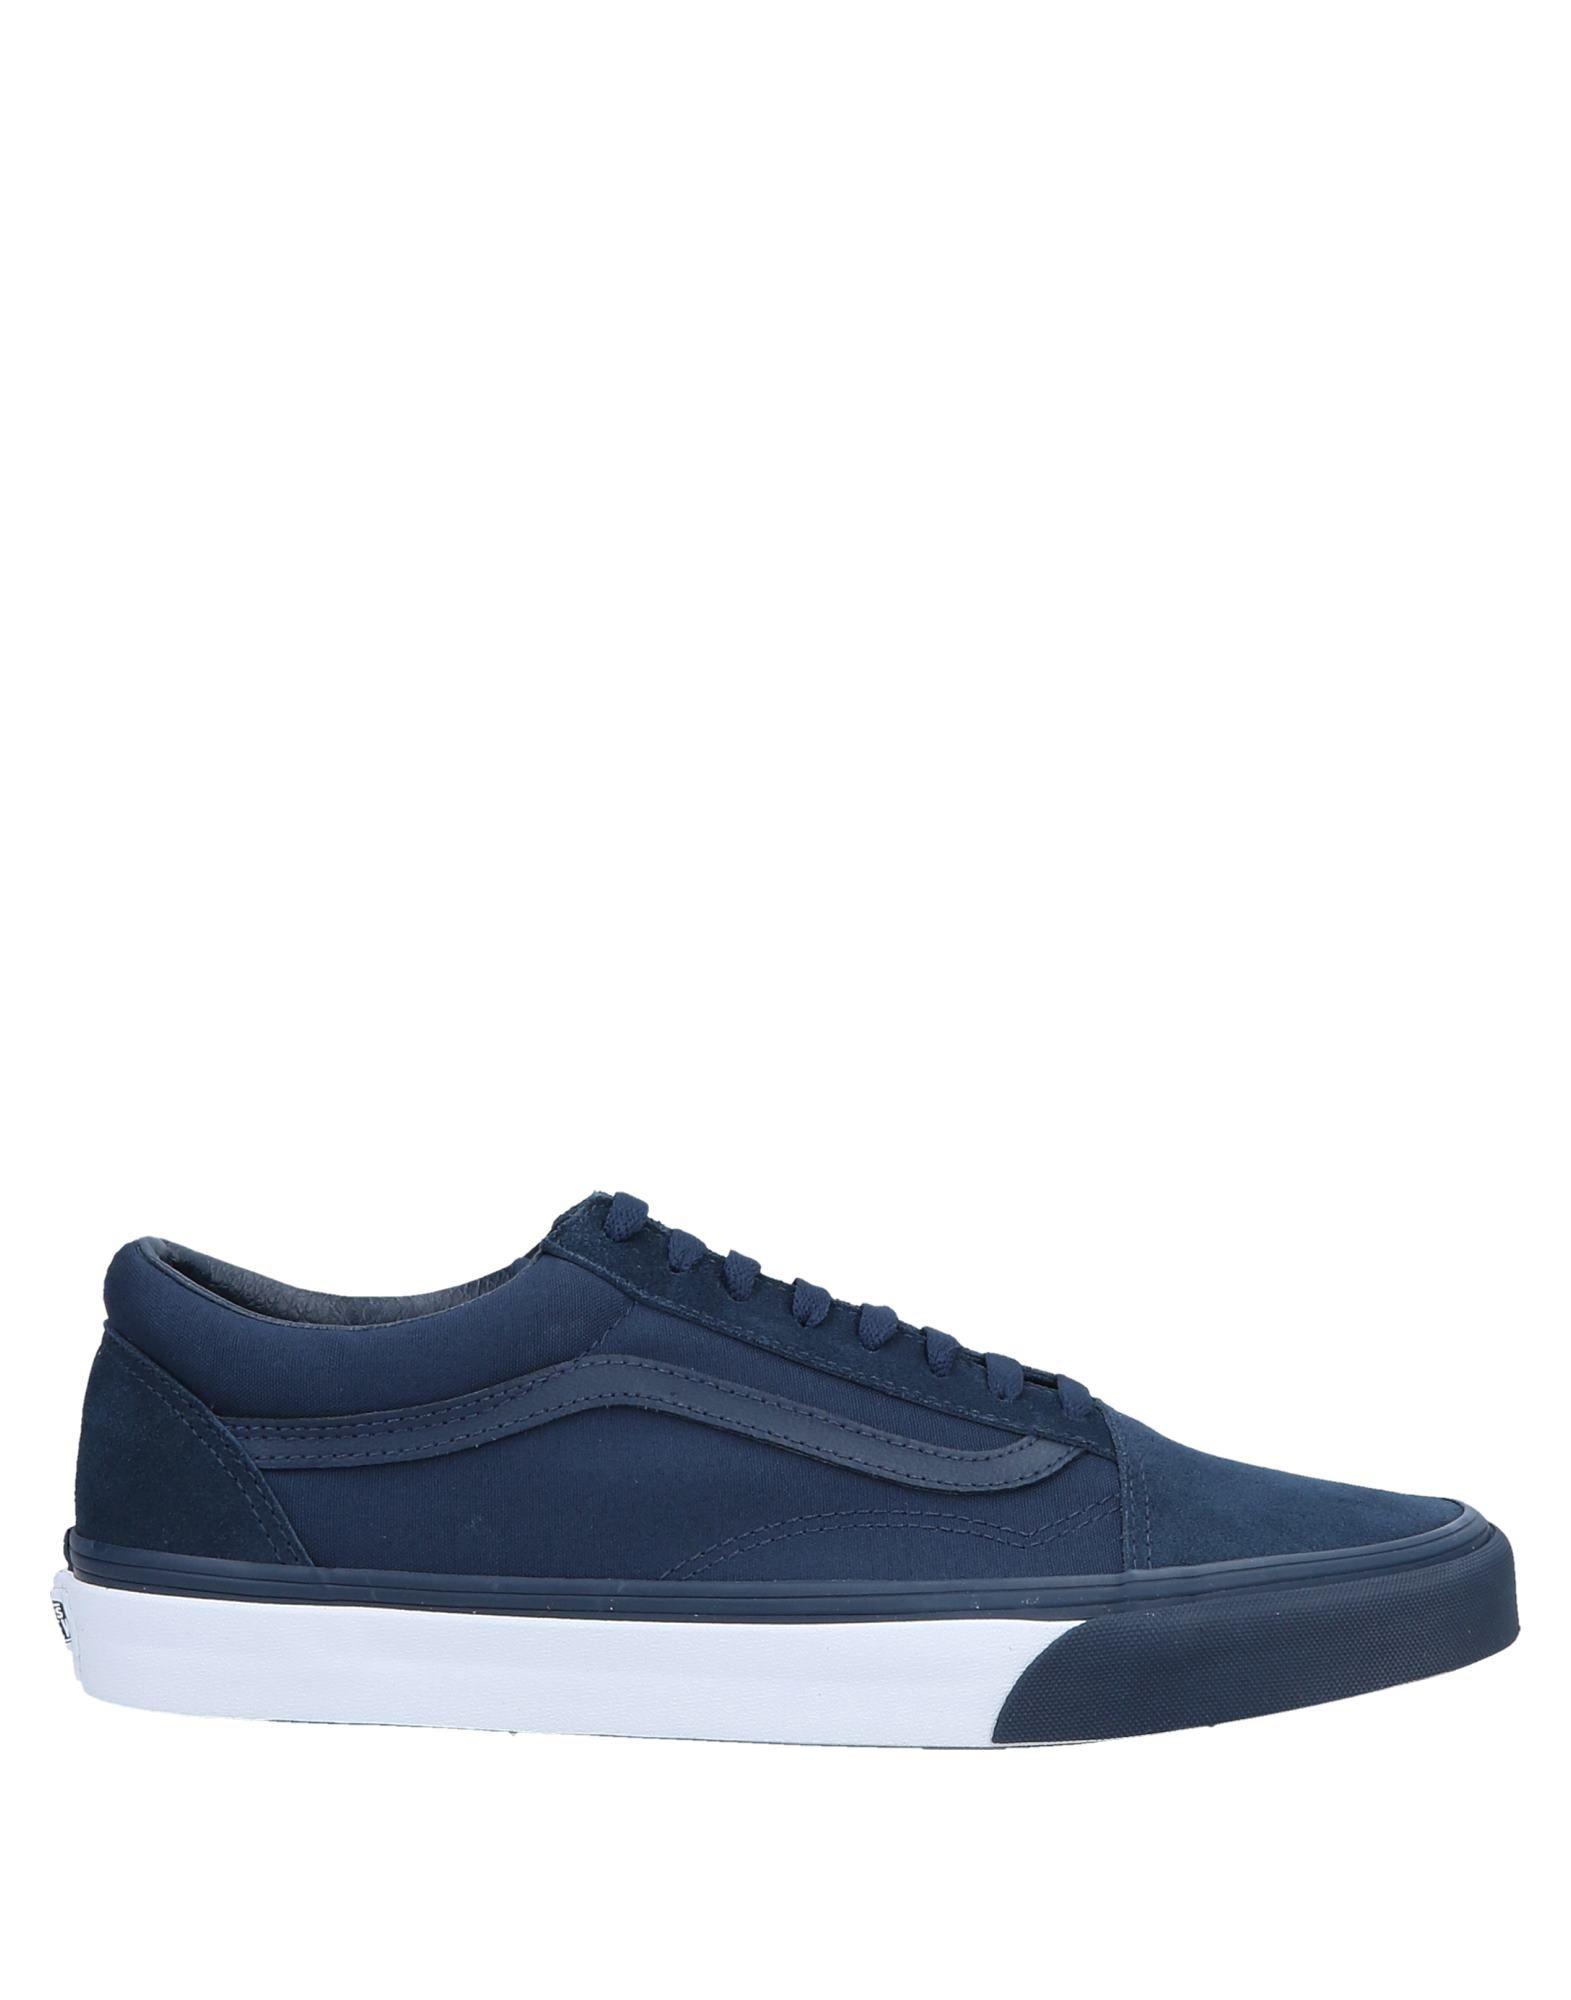 Rabatt echte Schuhe Vans Sneakers Herren  11573473AO